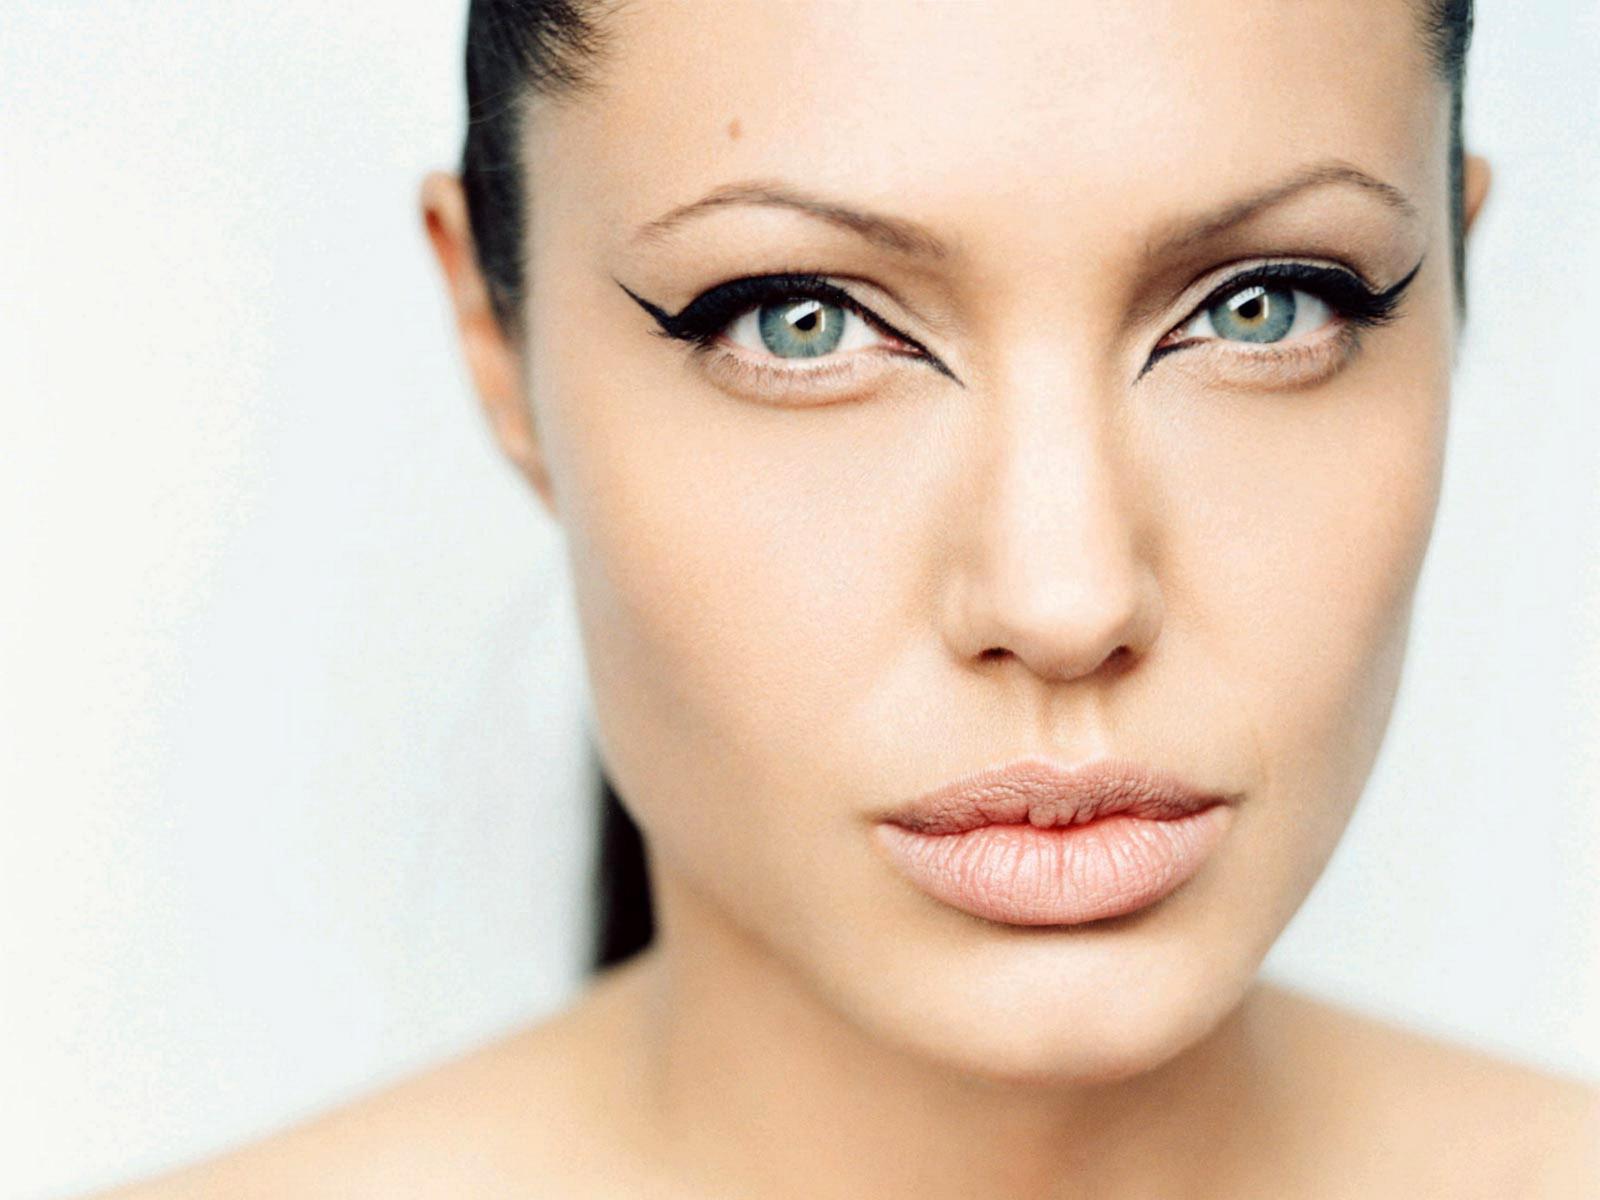 http://1.bp.blogspot.com/-gz7OPVobKq8/UGH1uP3IFBI/AAAAAAAAG4U/B-ojaY0LQo0/s1600/Angelina+%2816%29.jpg